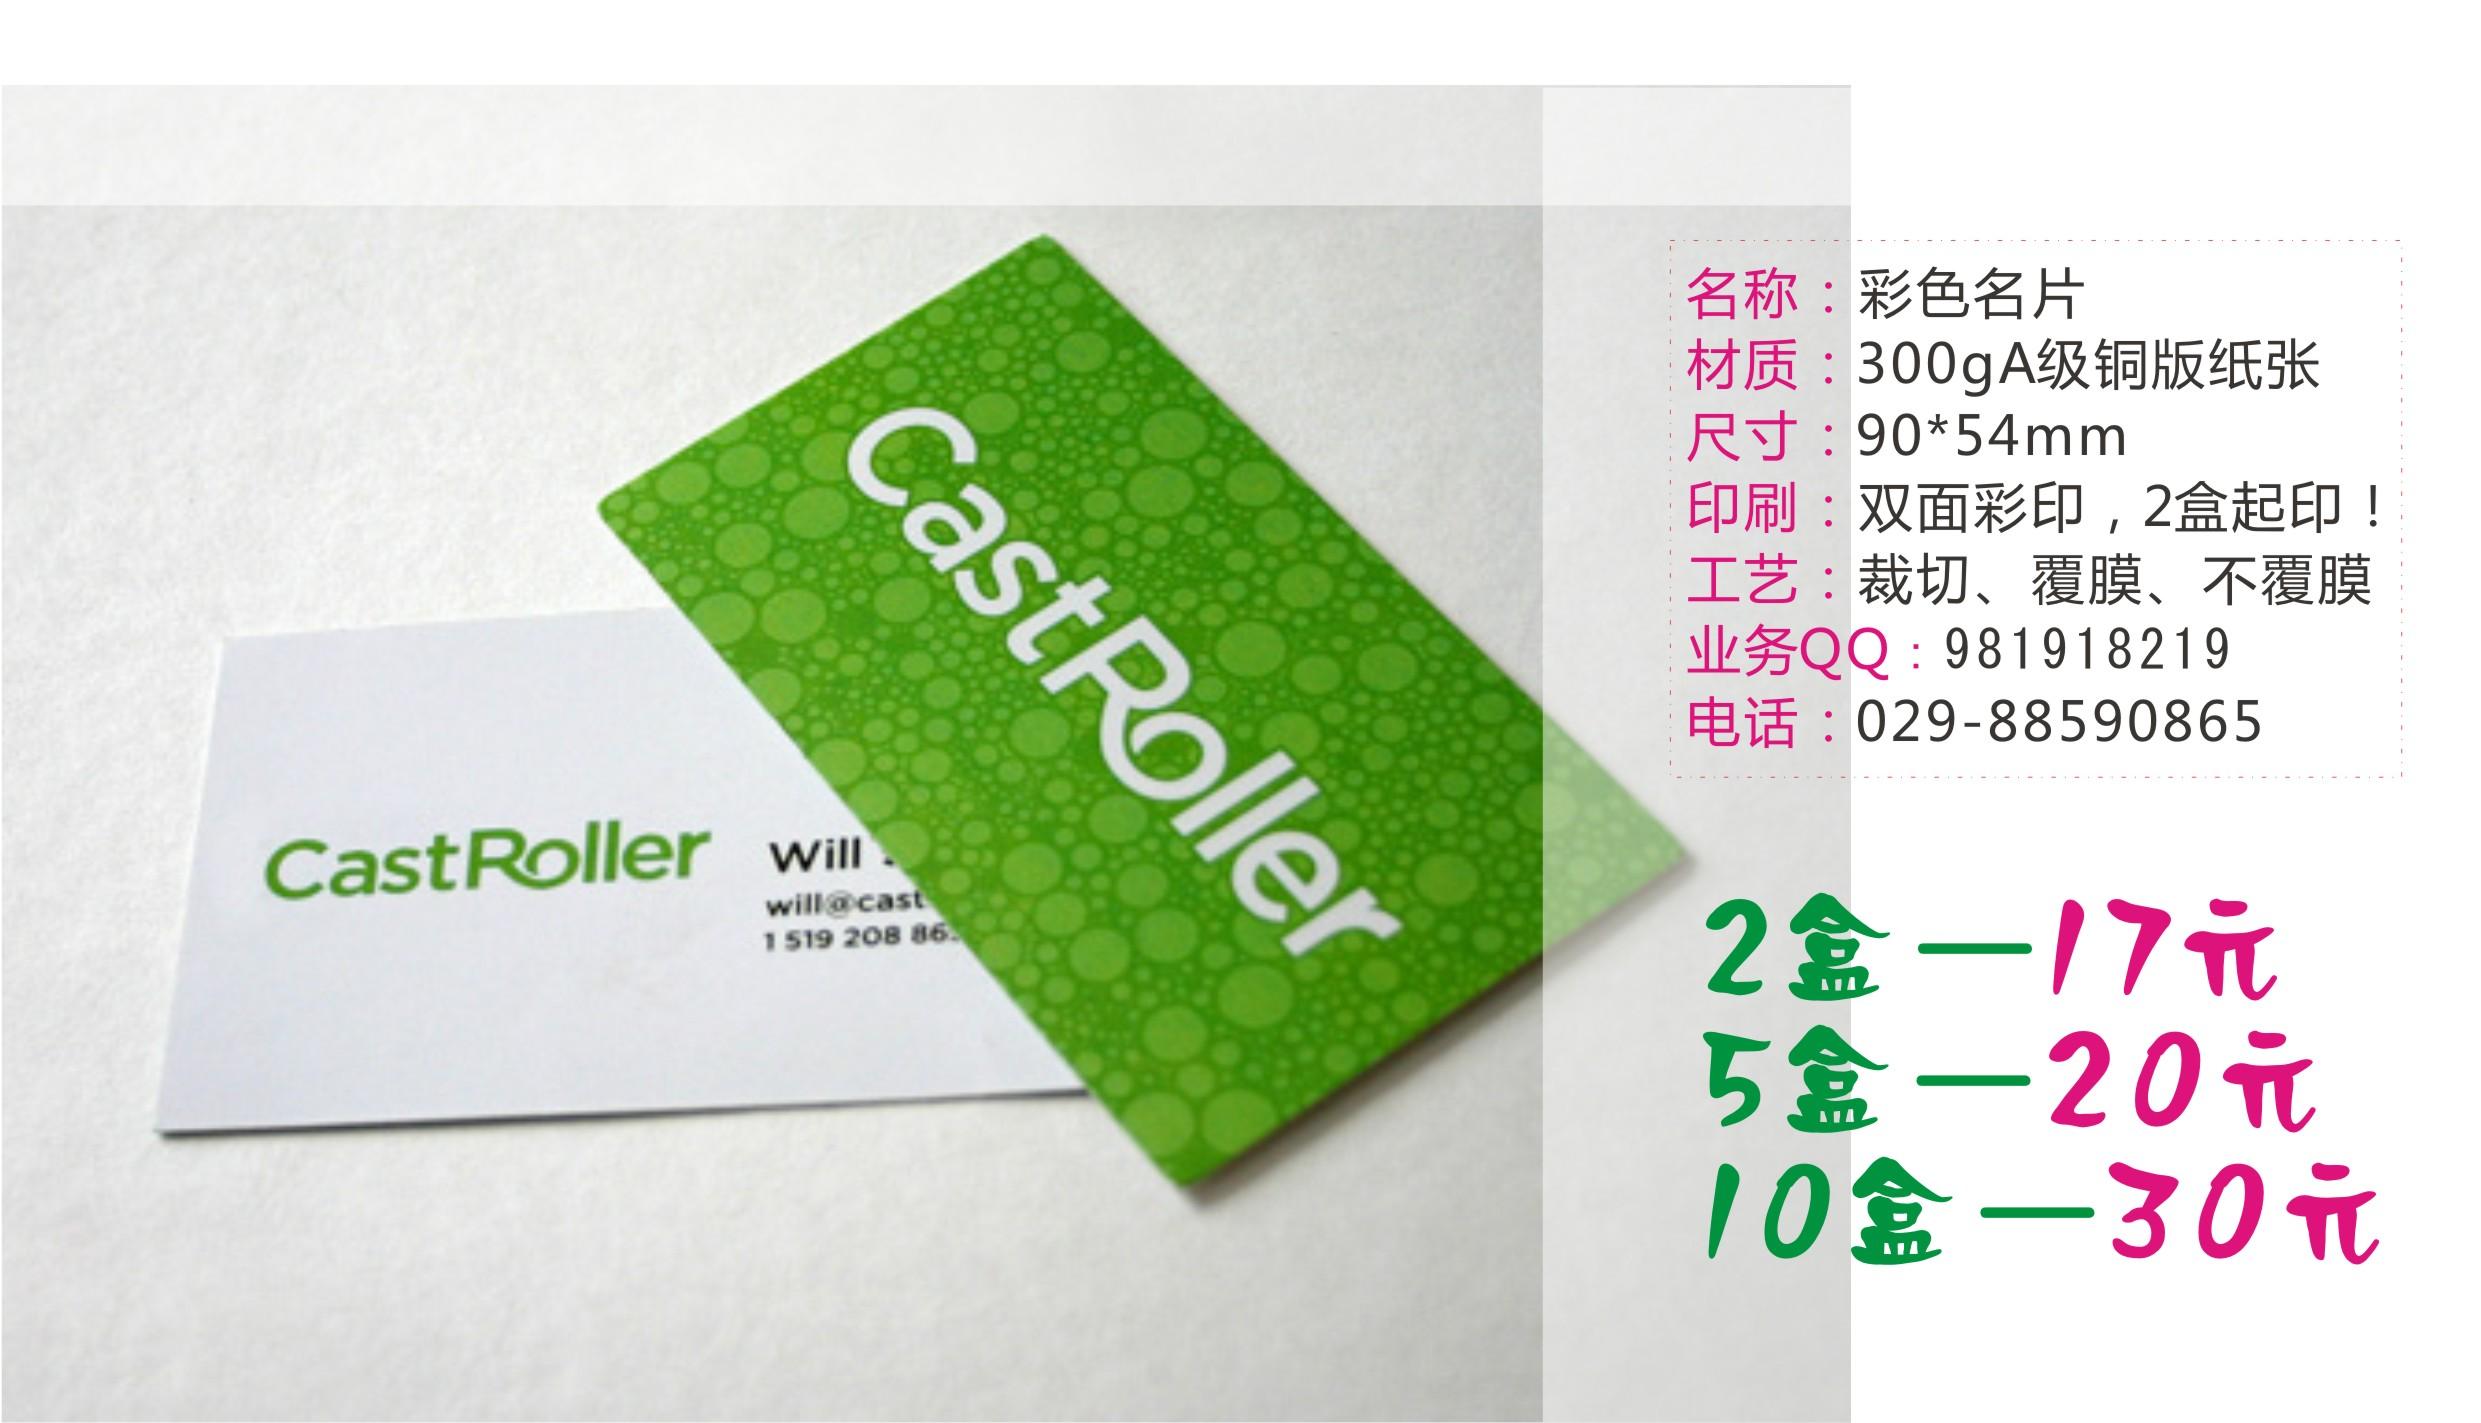 西安会员卡/pvc卡/证书证件/记录本设计印刷制作